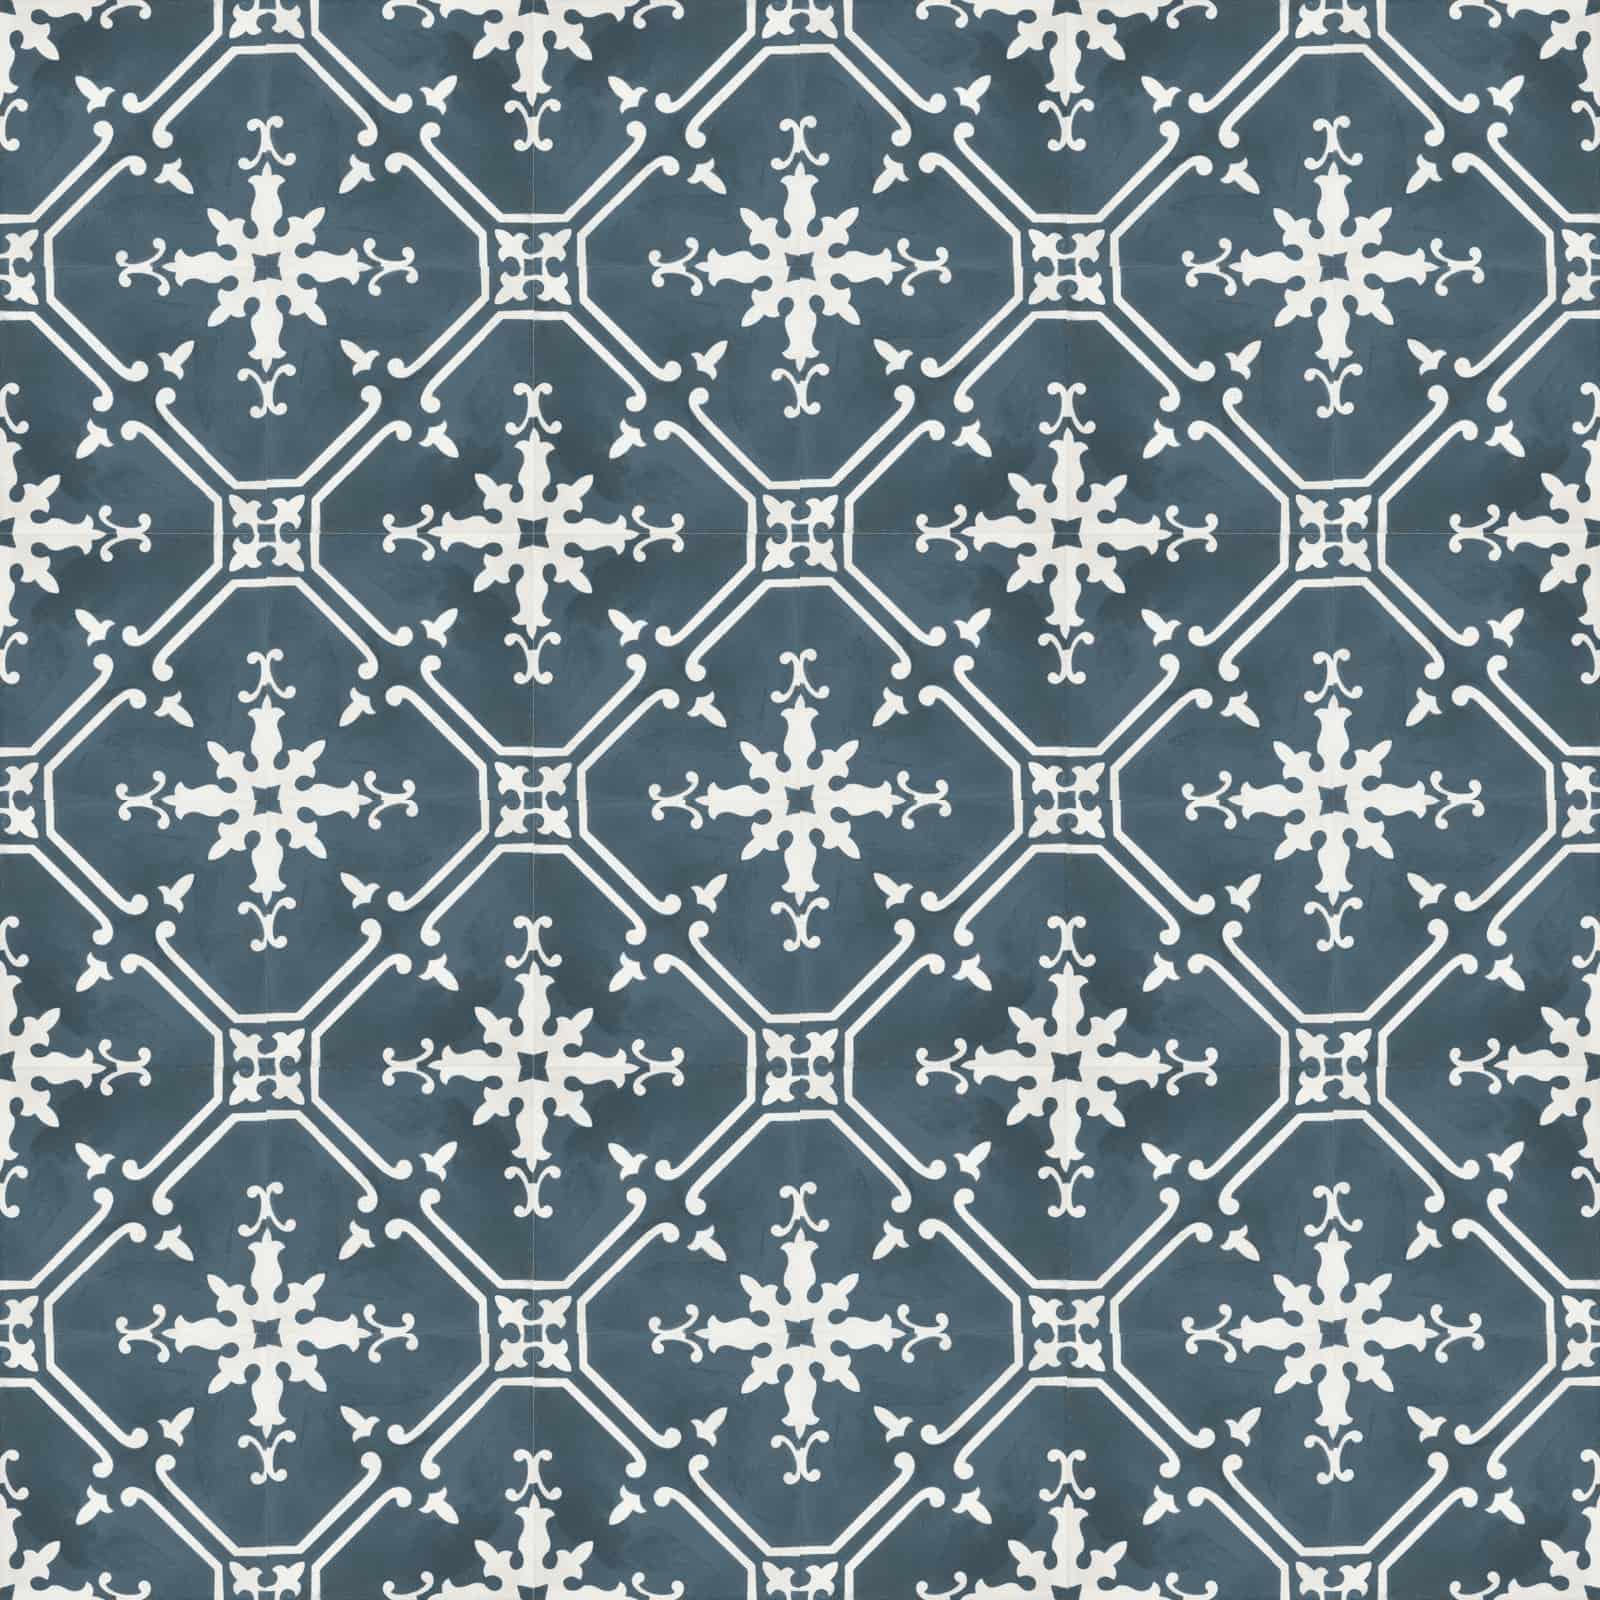 zementfliesen-terrazzofliesen-kreidefarbe-terrazzo-fugenlos-viaplatten-11544-verlegemuster | 11544